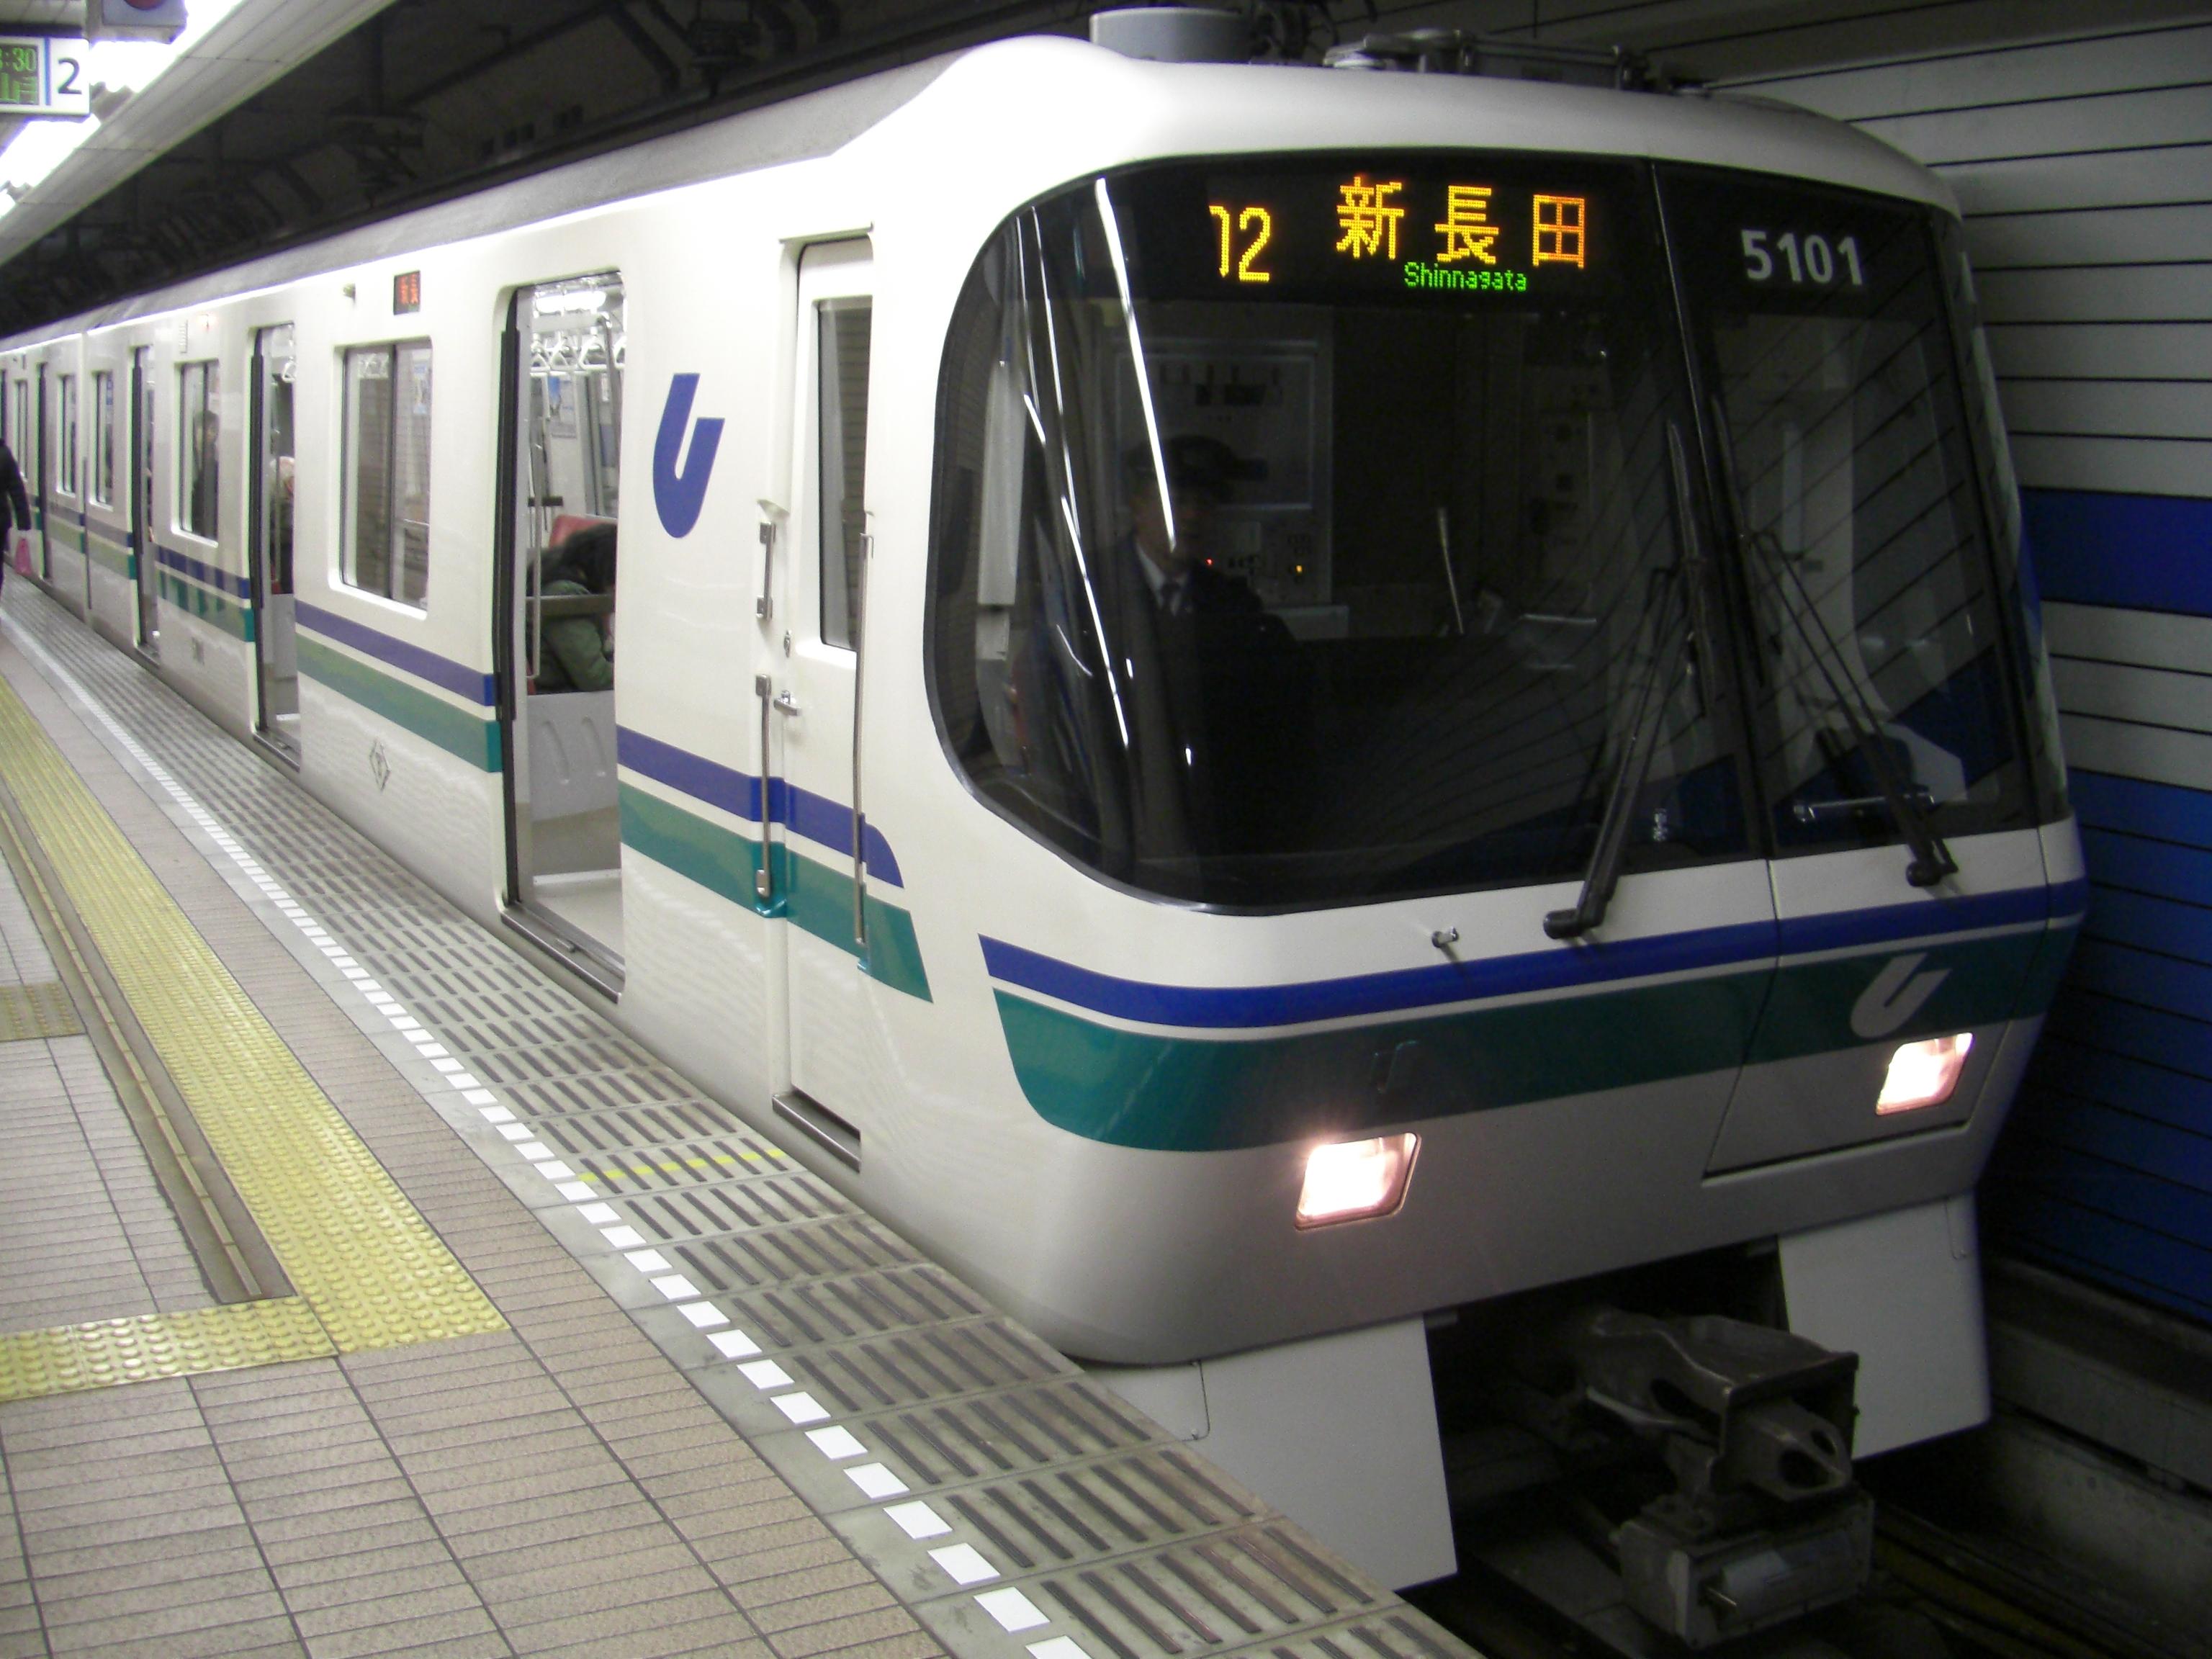 Kobe có hệ thống giao thông công cộng khá phát triển